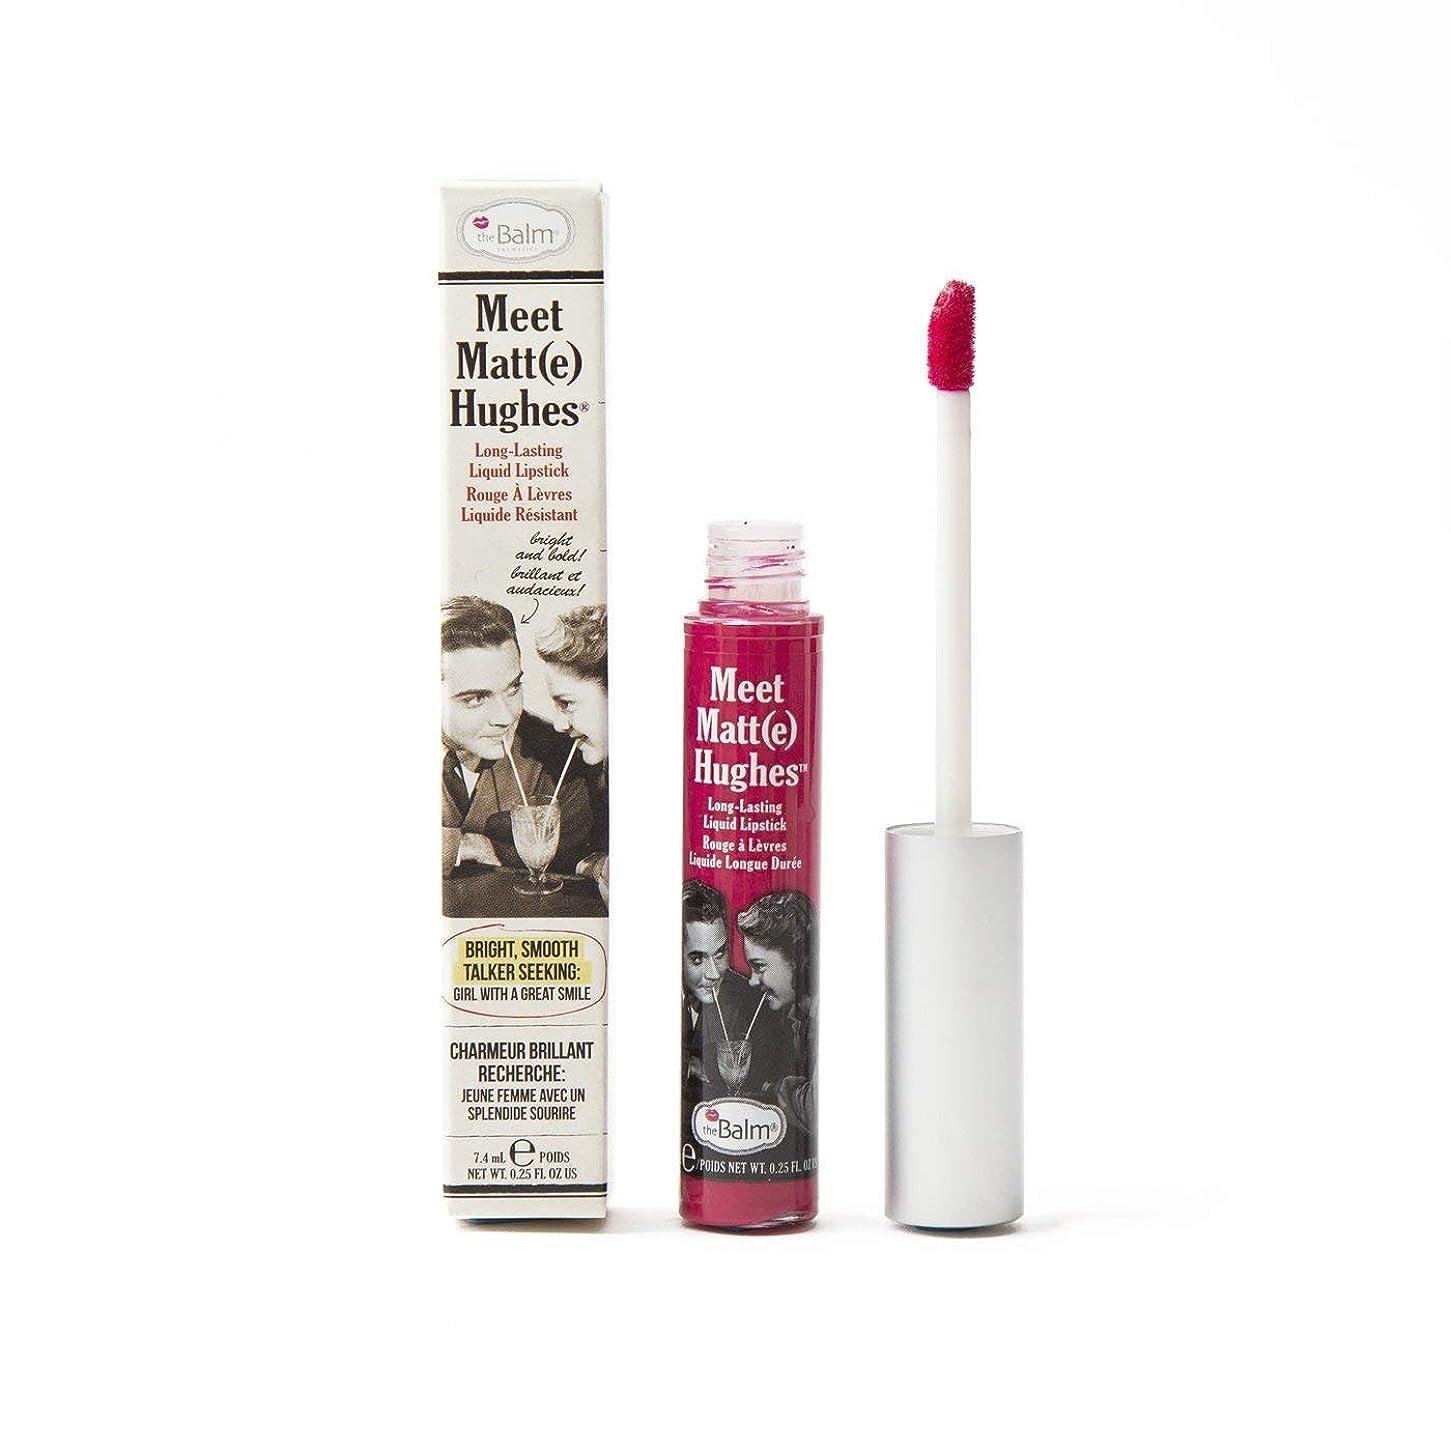 キャベツ初心者過激派ザバーム Meet Matte Hughes Long Lasting Liquid Lipstick - Sentimental 7.4ml/0.25oz並行輸入品